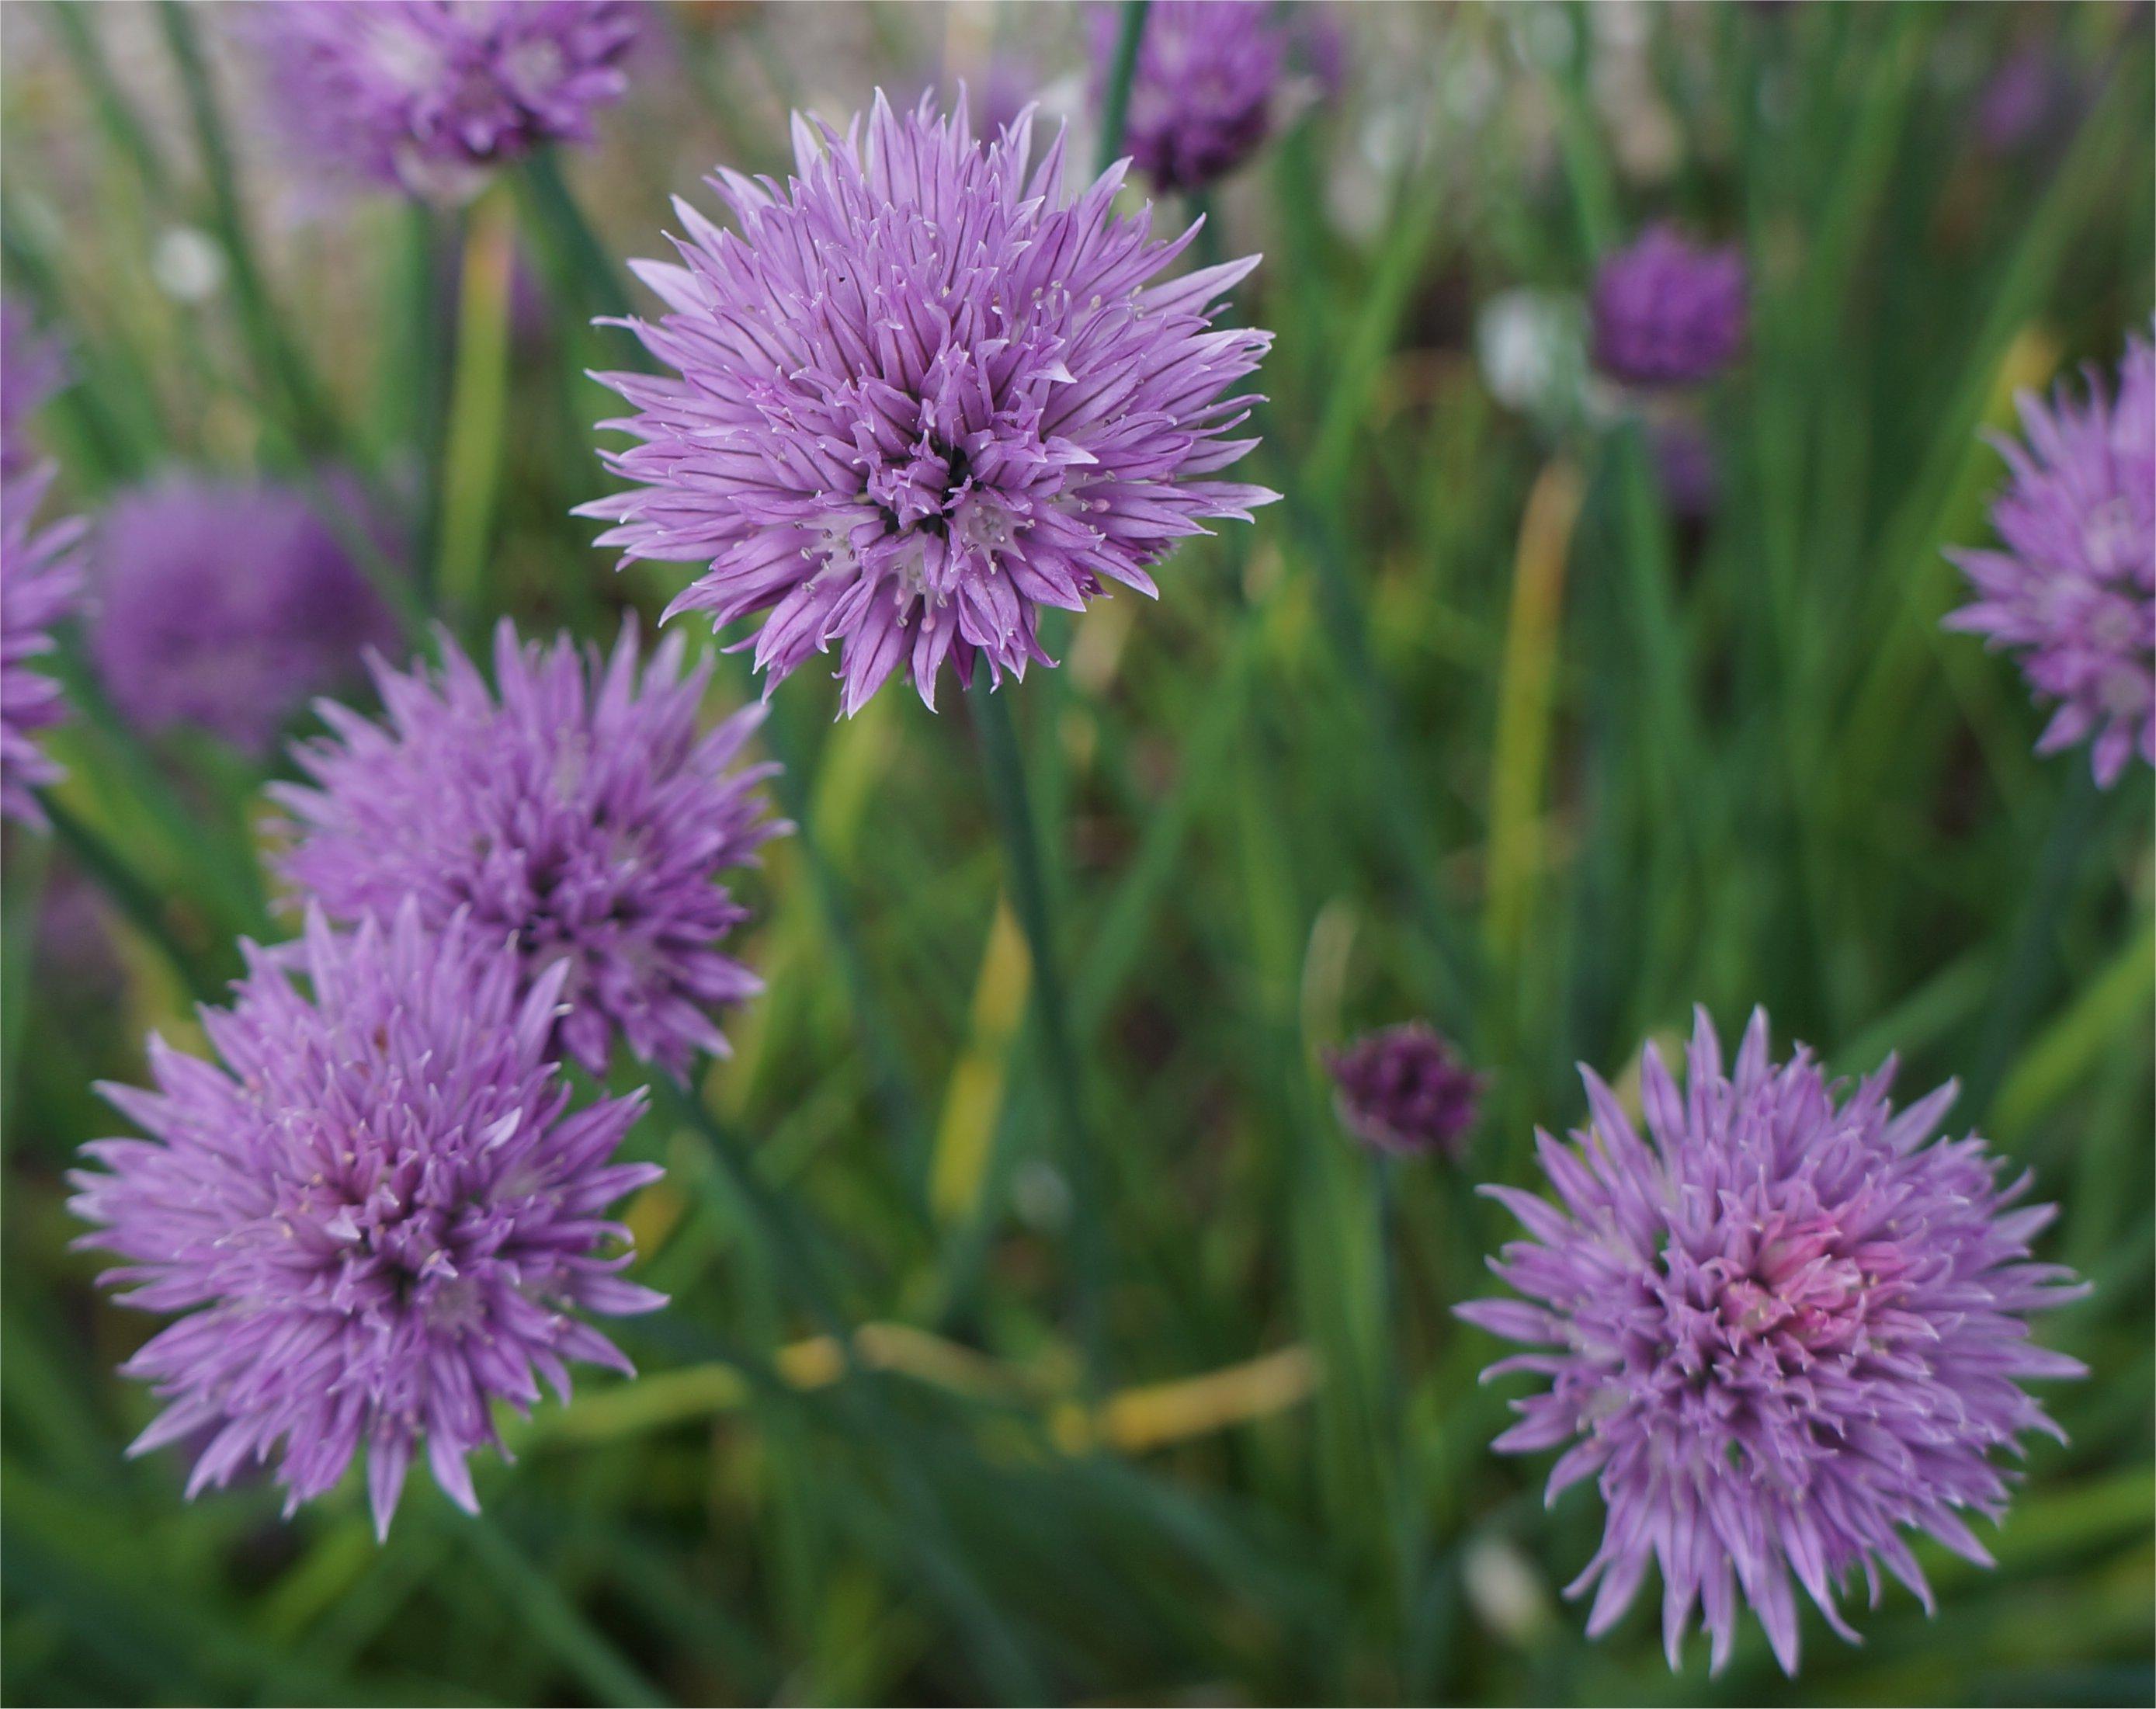 Afbeeldingsresultaat voor bieslook bloem